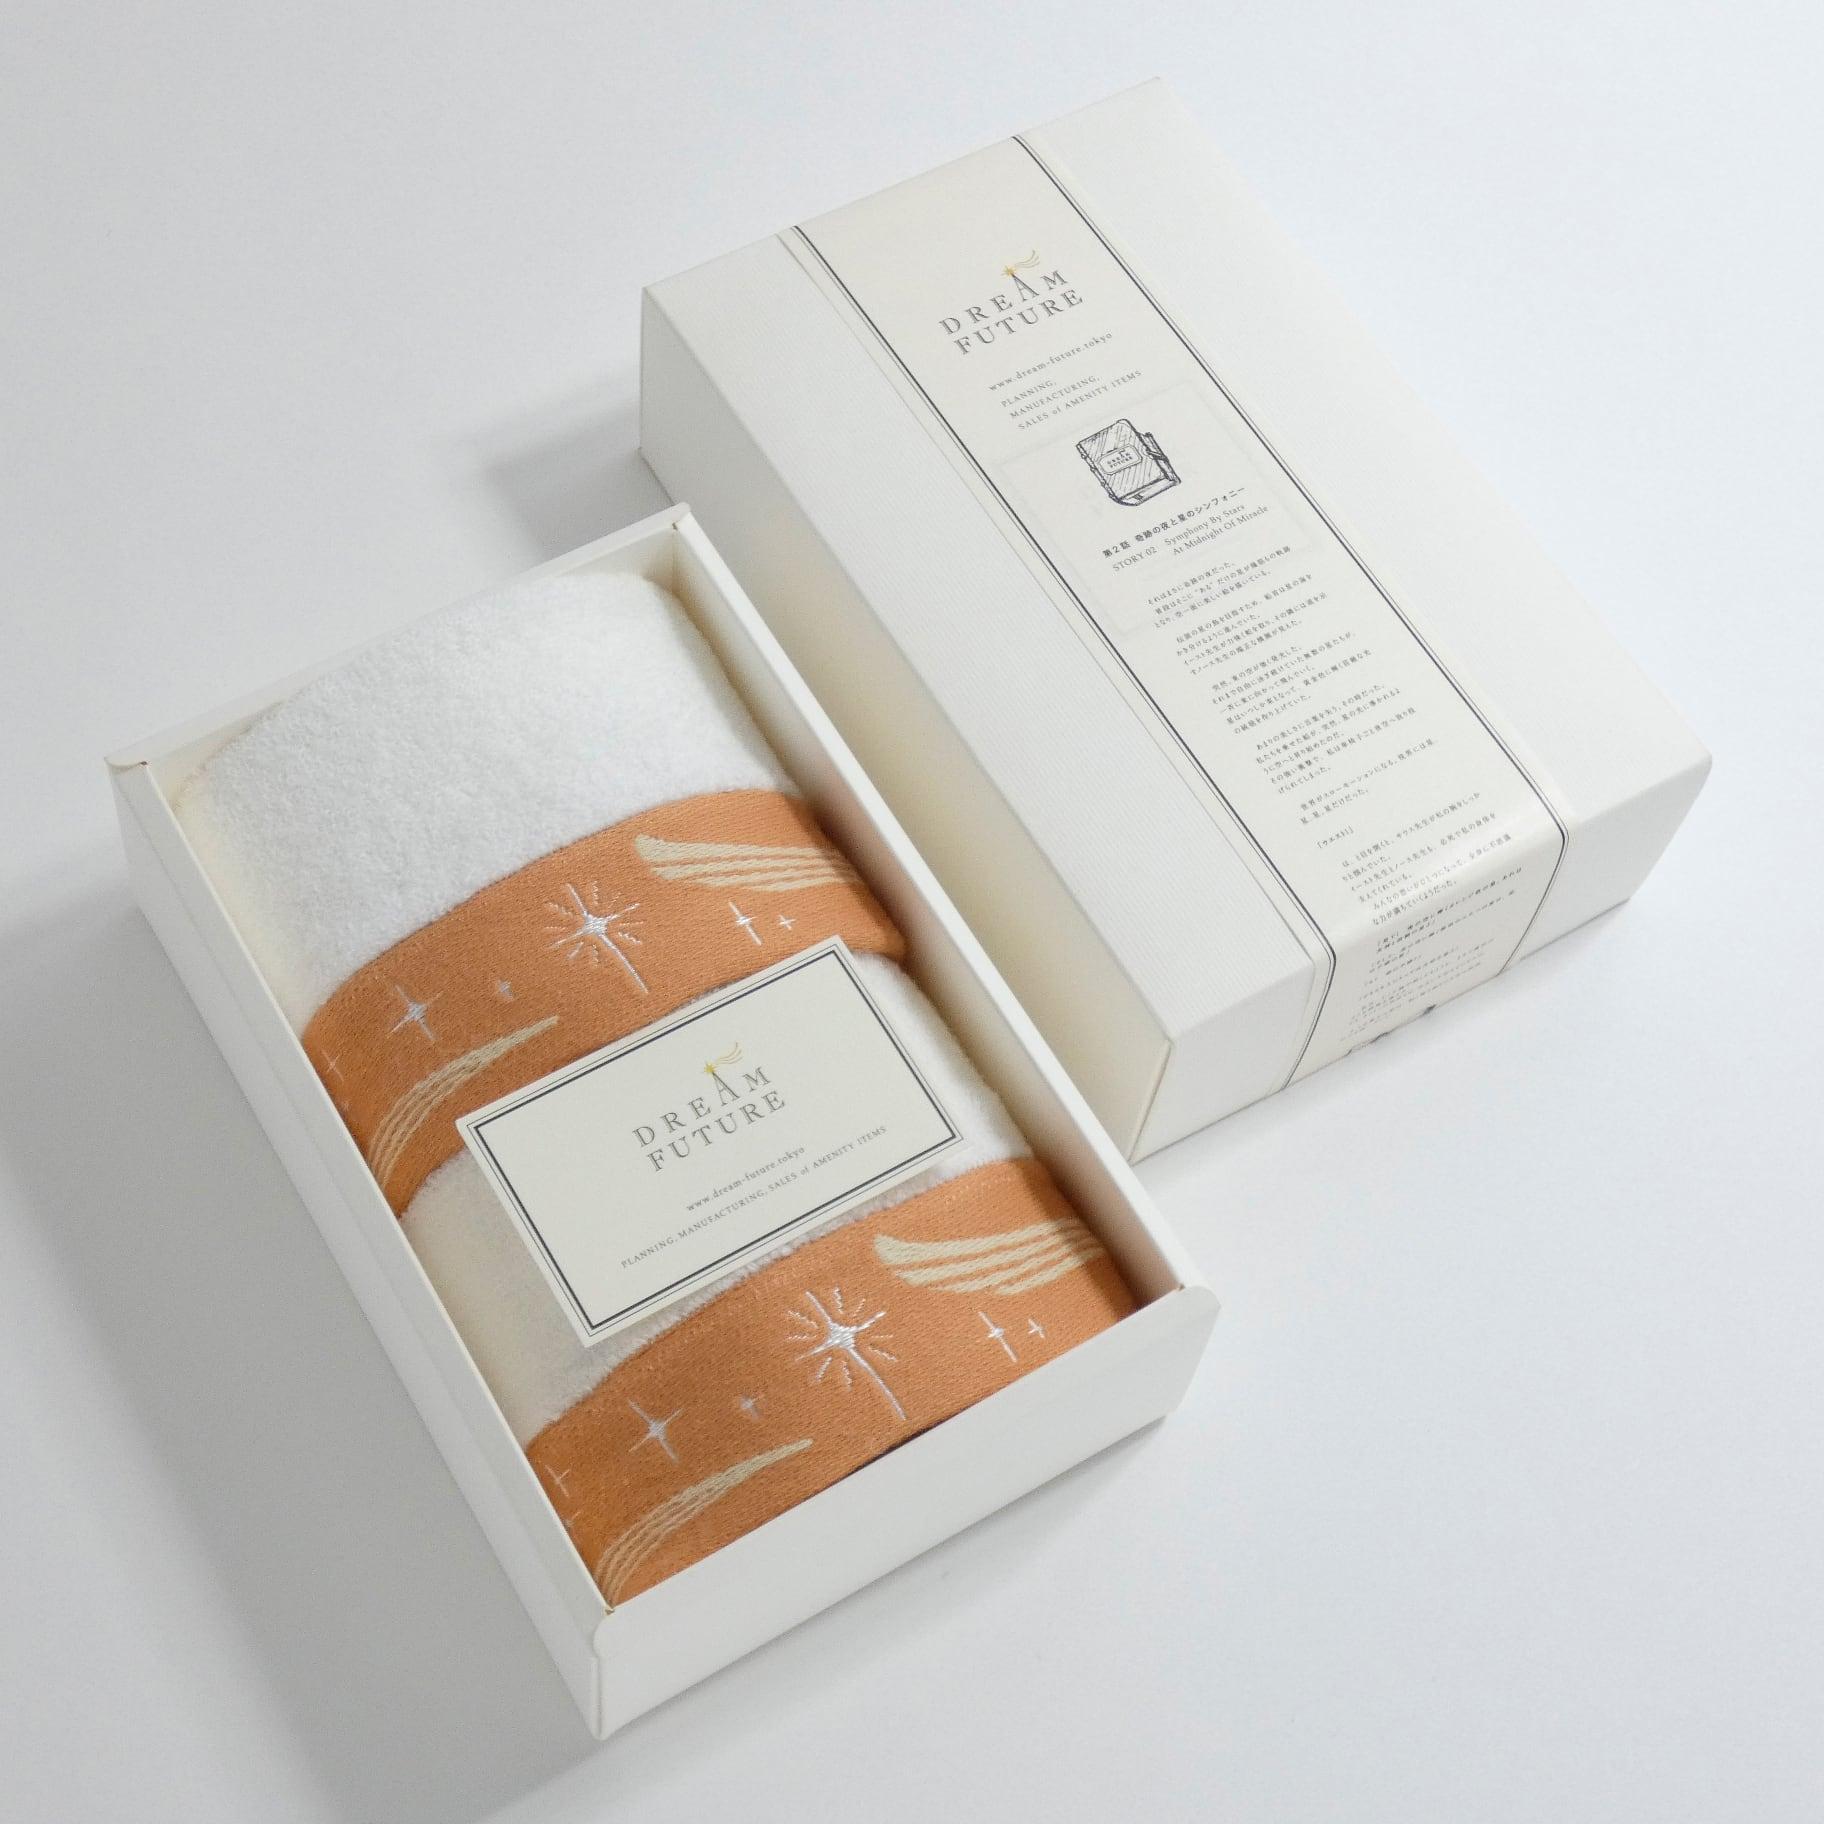 無撚糸(むねんし)高級Hand Towel 2枚SET Twinkle ORANGE  /  Twinkle ORANGE